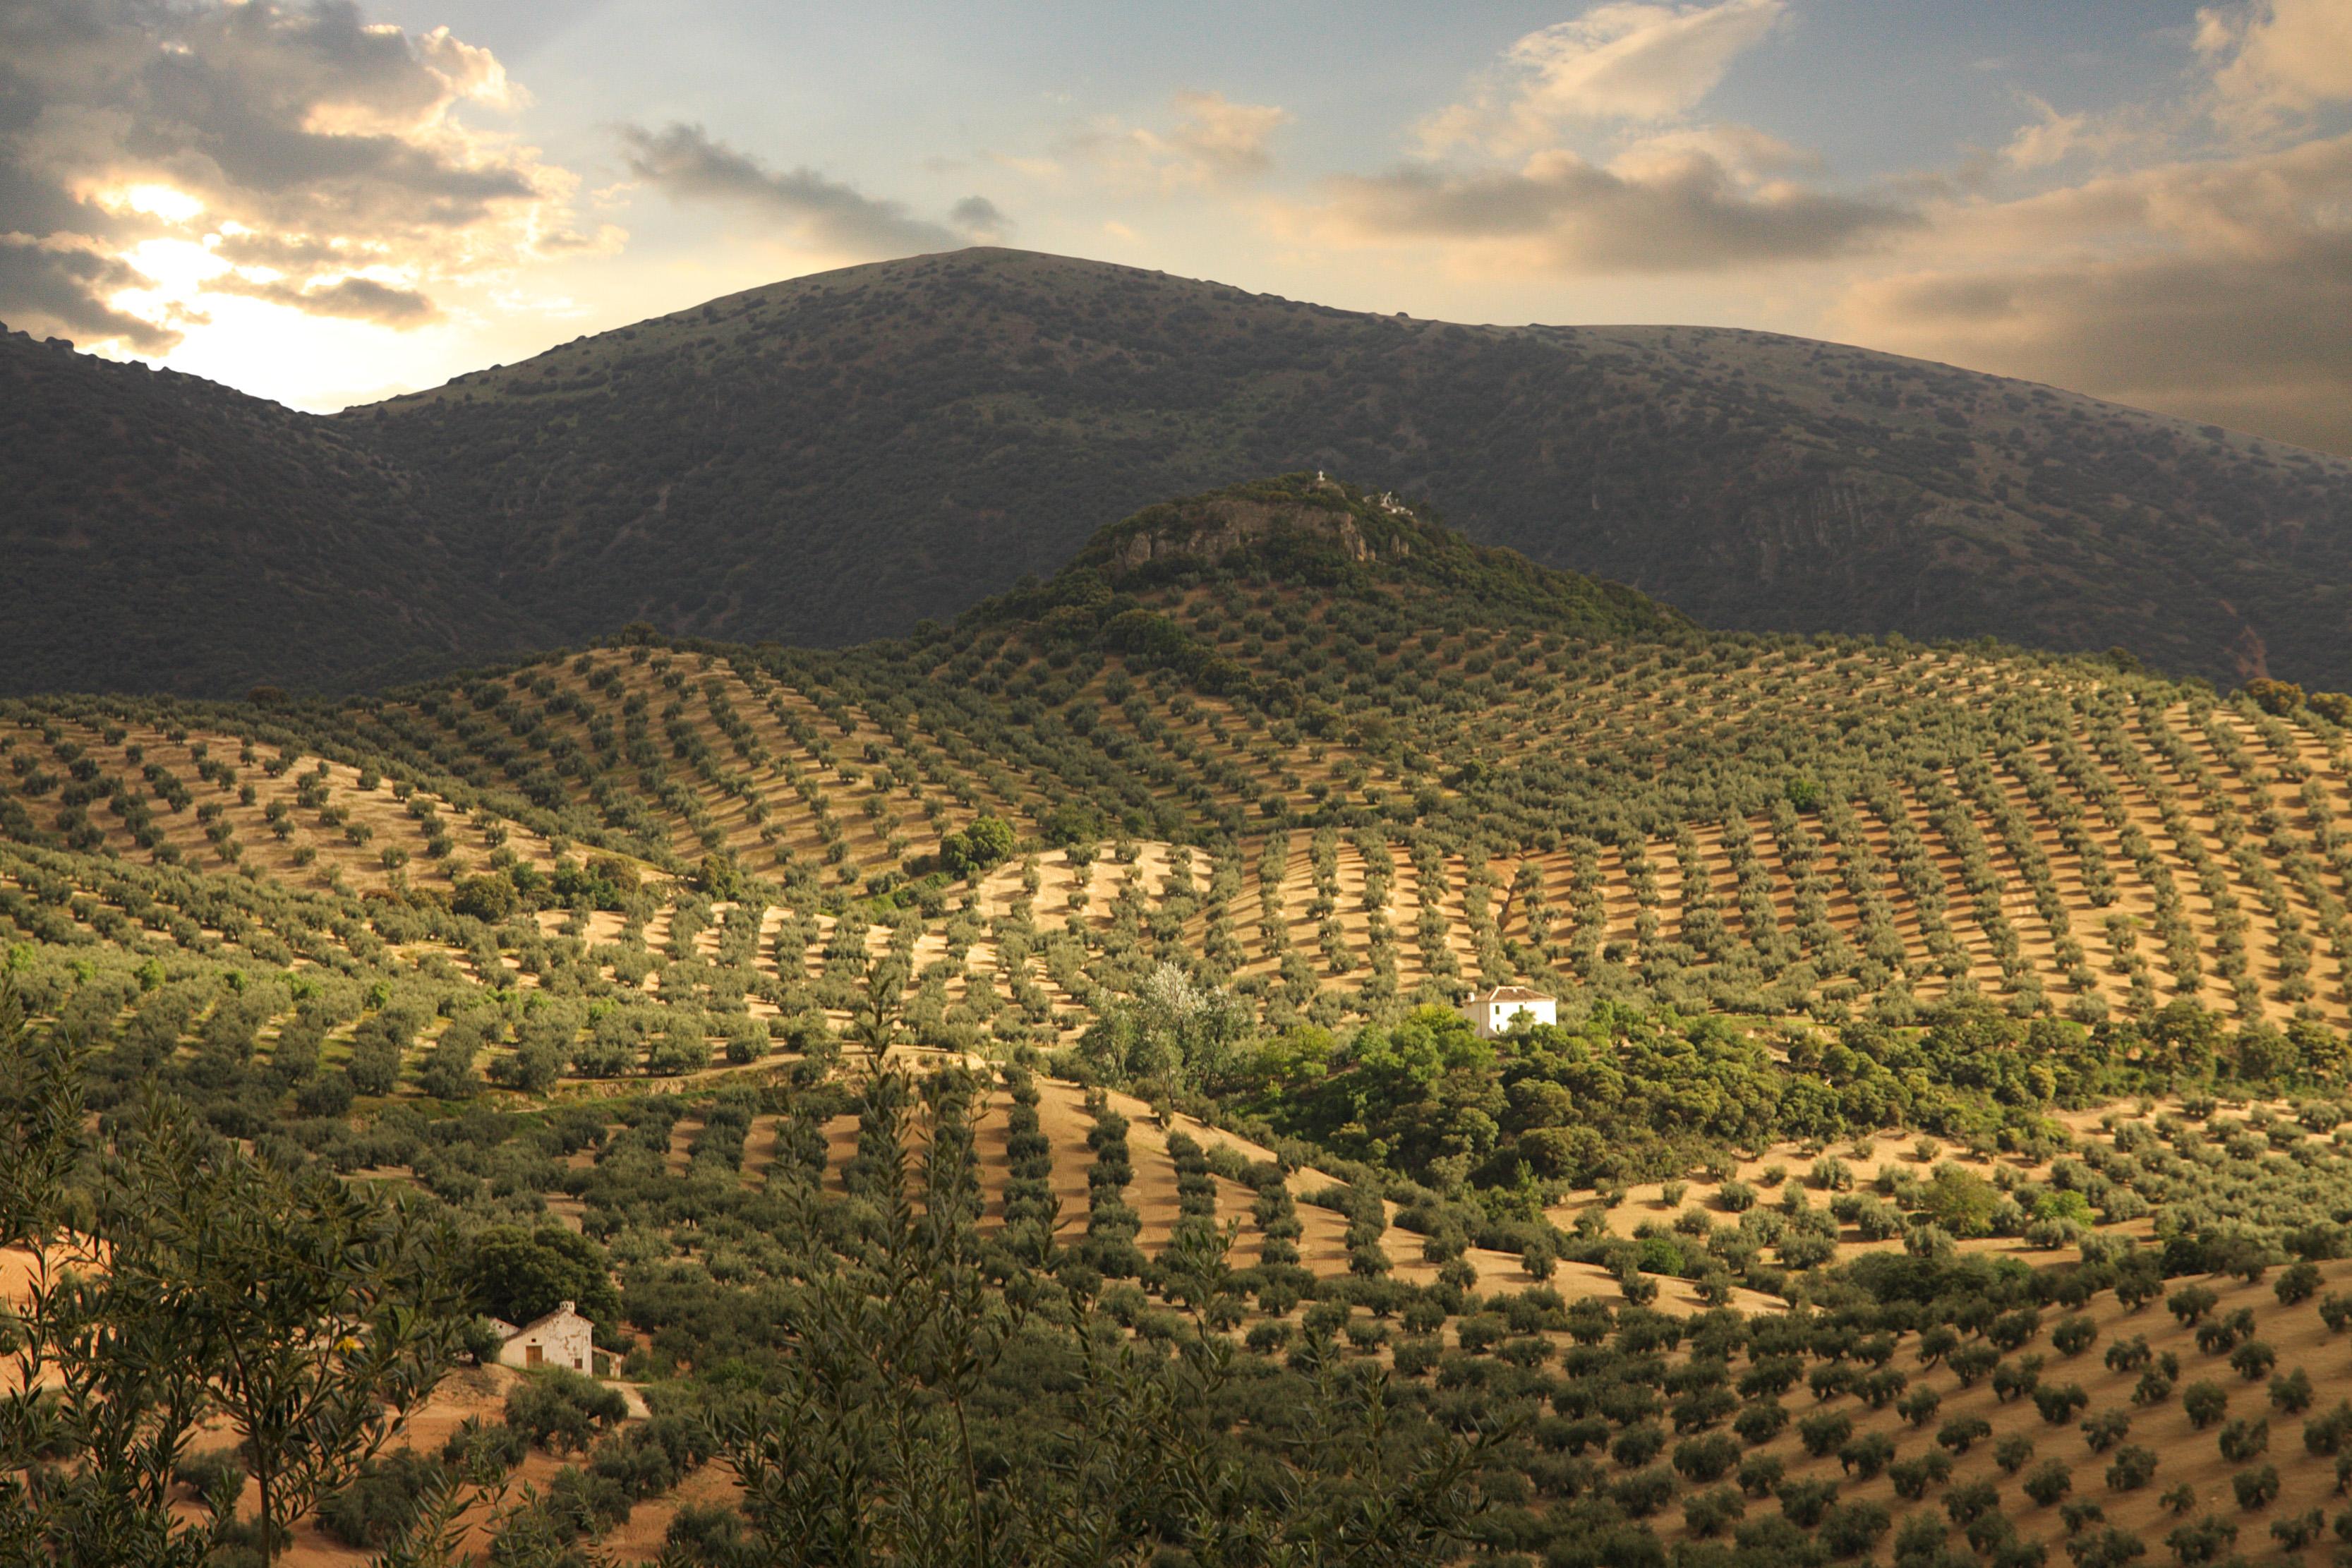 Paisaje de olivar en Priego de Córdoba